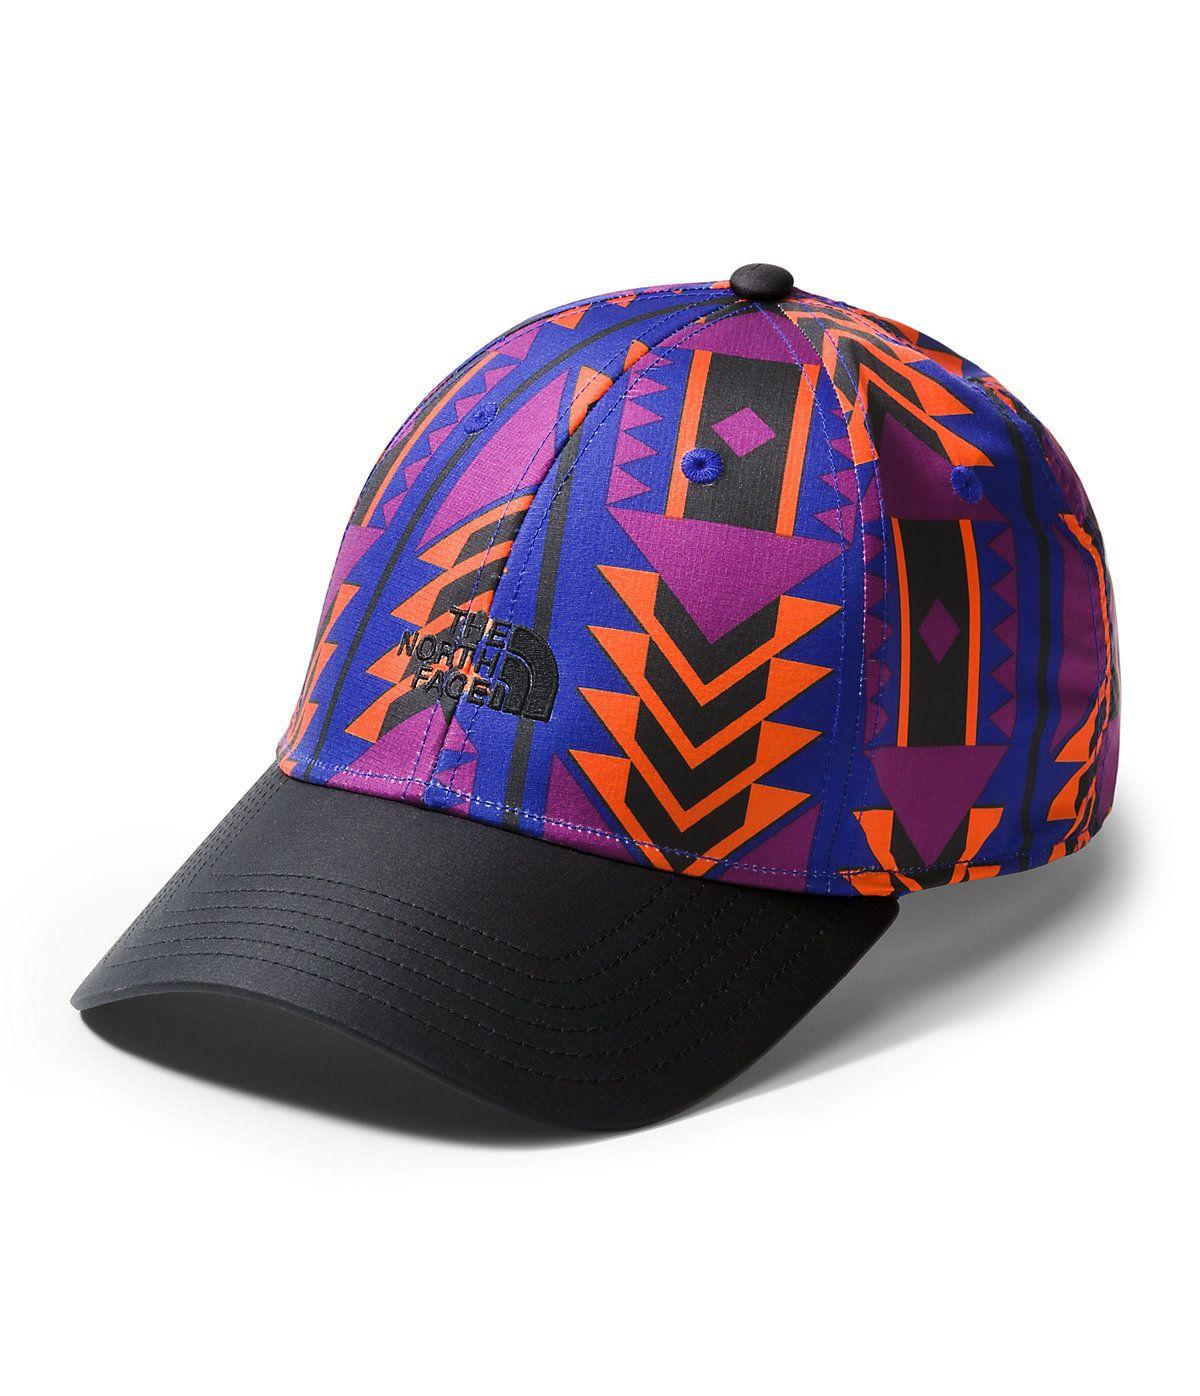 b7c26e24e1937 The North Face 66 Classic Tech Hat